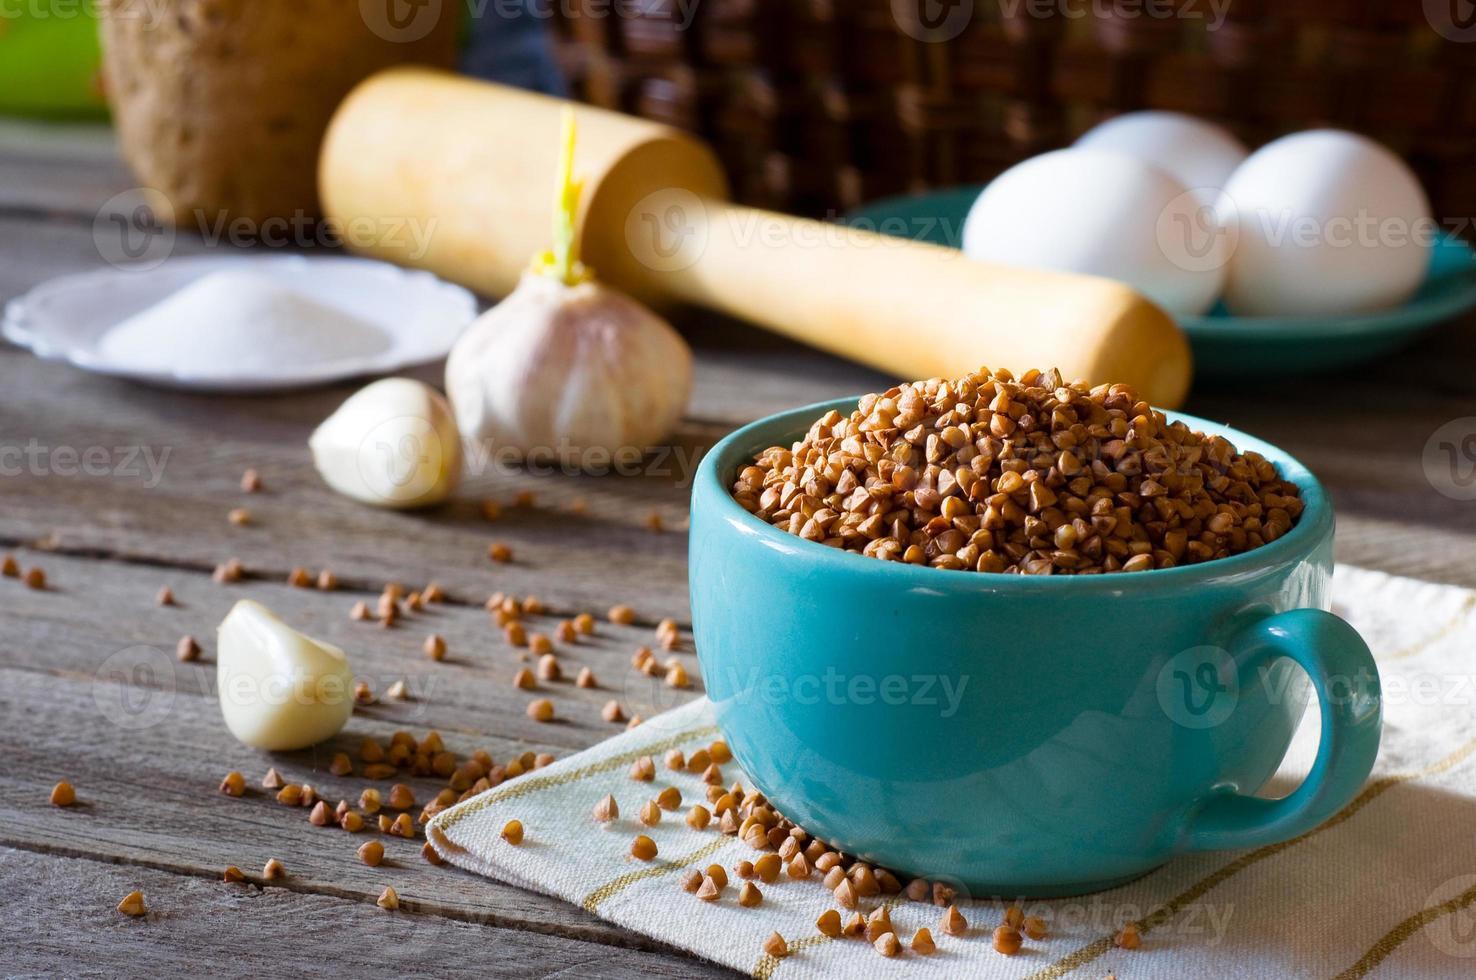 grano saraceno in una tazza, foto